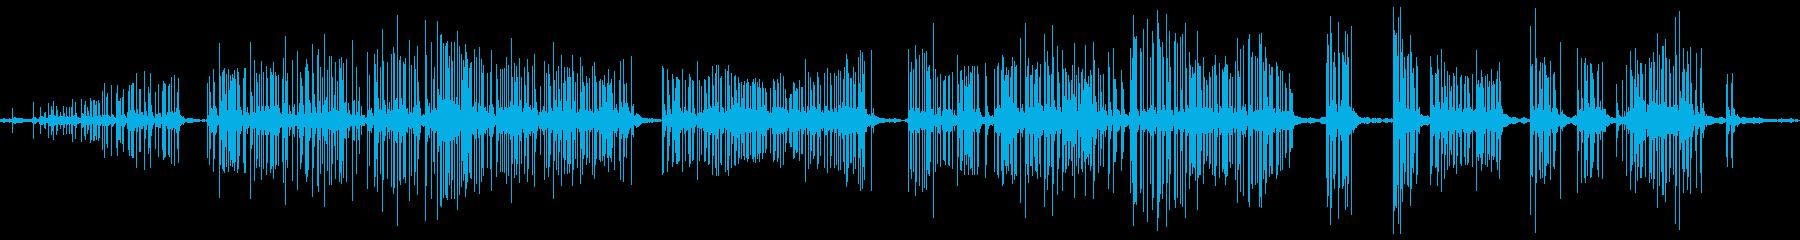 リッピングキャンバススムース静かの再生済みの波形